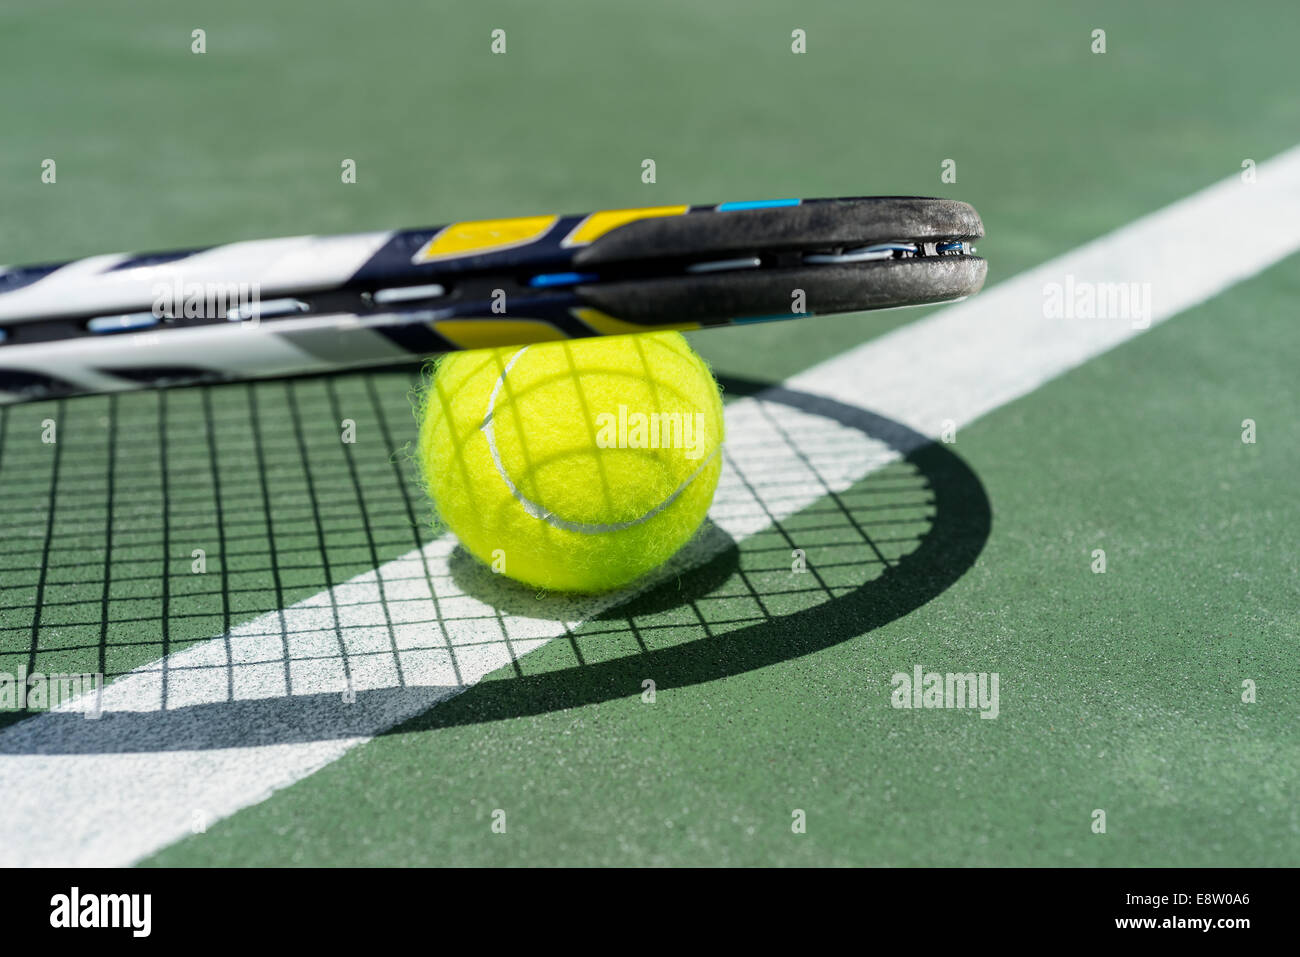 Vista cercana de raqueta de tenis y pelotas en las canchas de tenis de arcilla Imagen De Stock